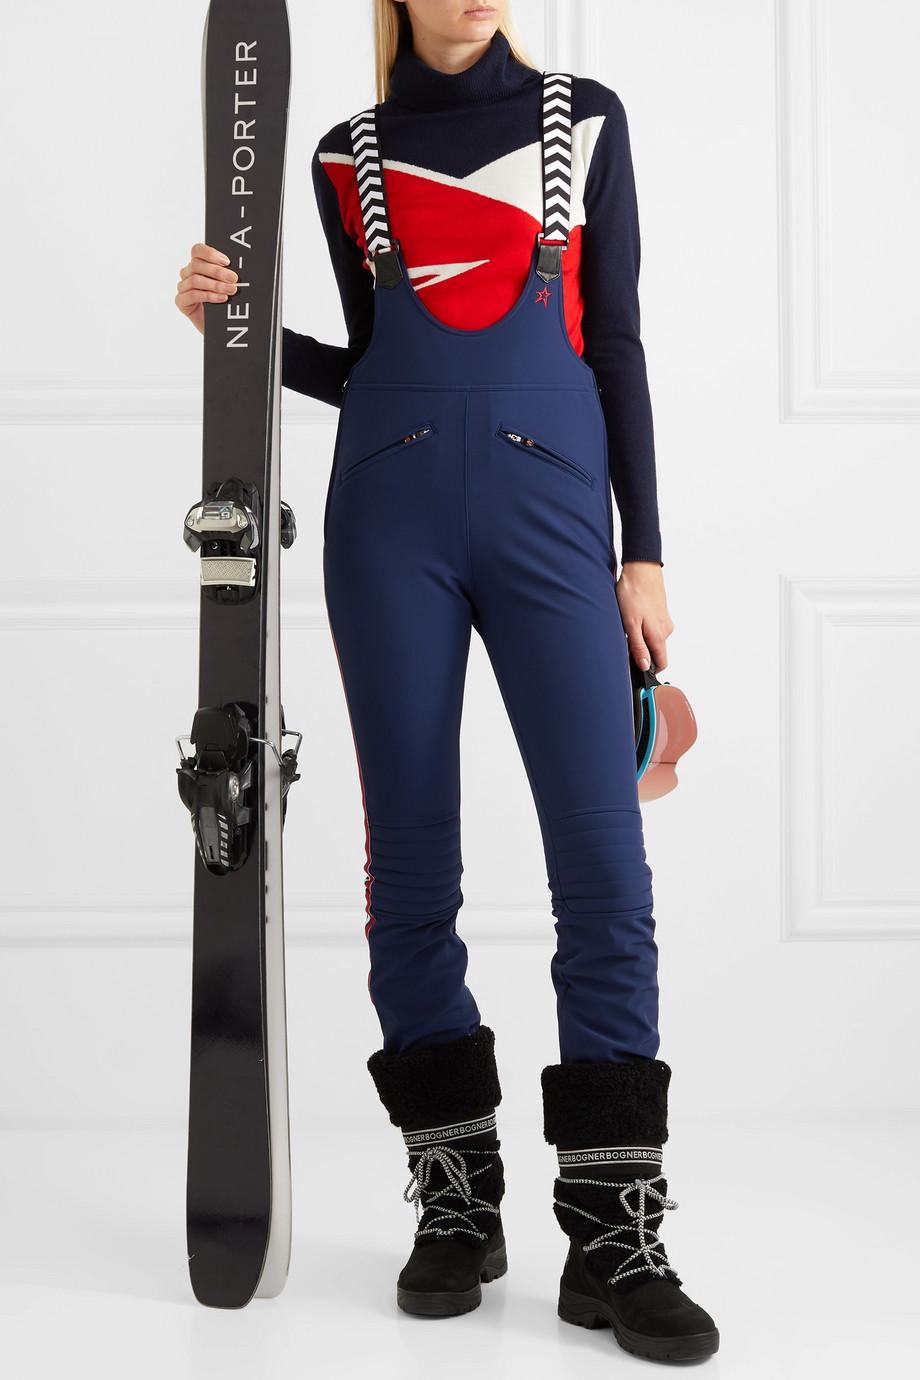 Perfect Moment GT Racing padded ski pants